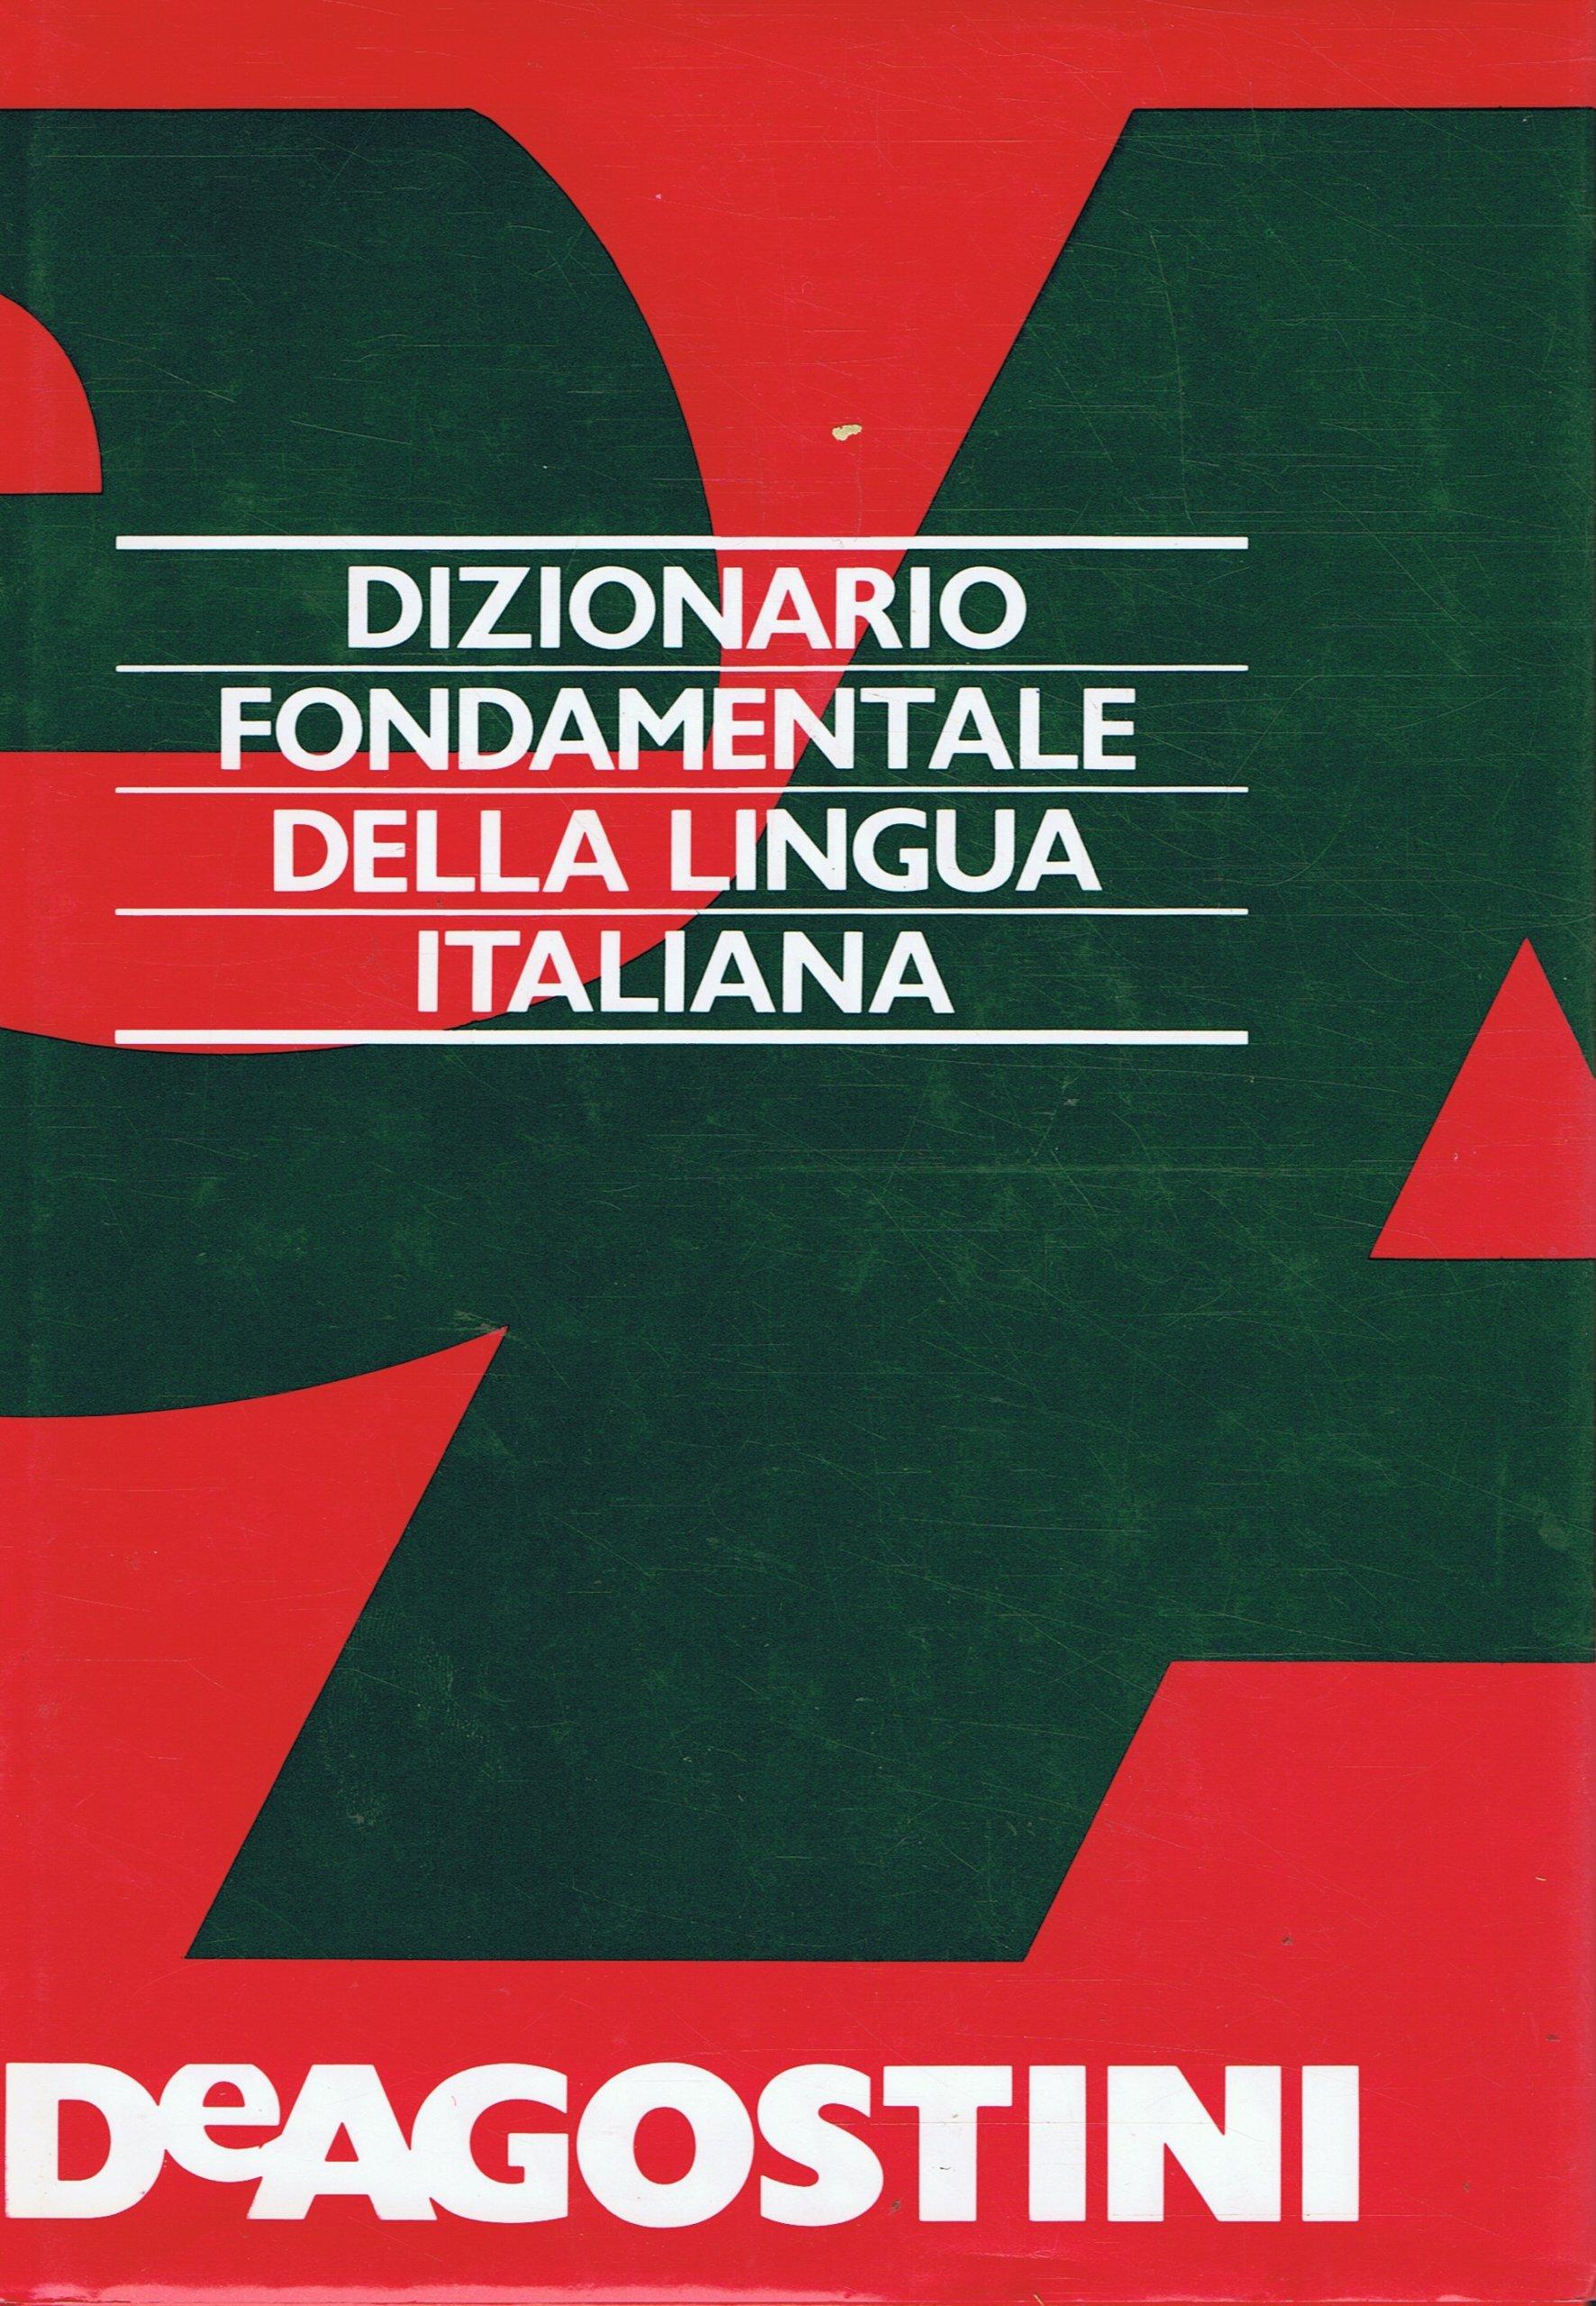 SŁOWNIK JĘZYKA WŁOSKIEGO ITALIANA